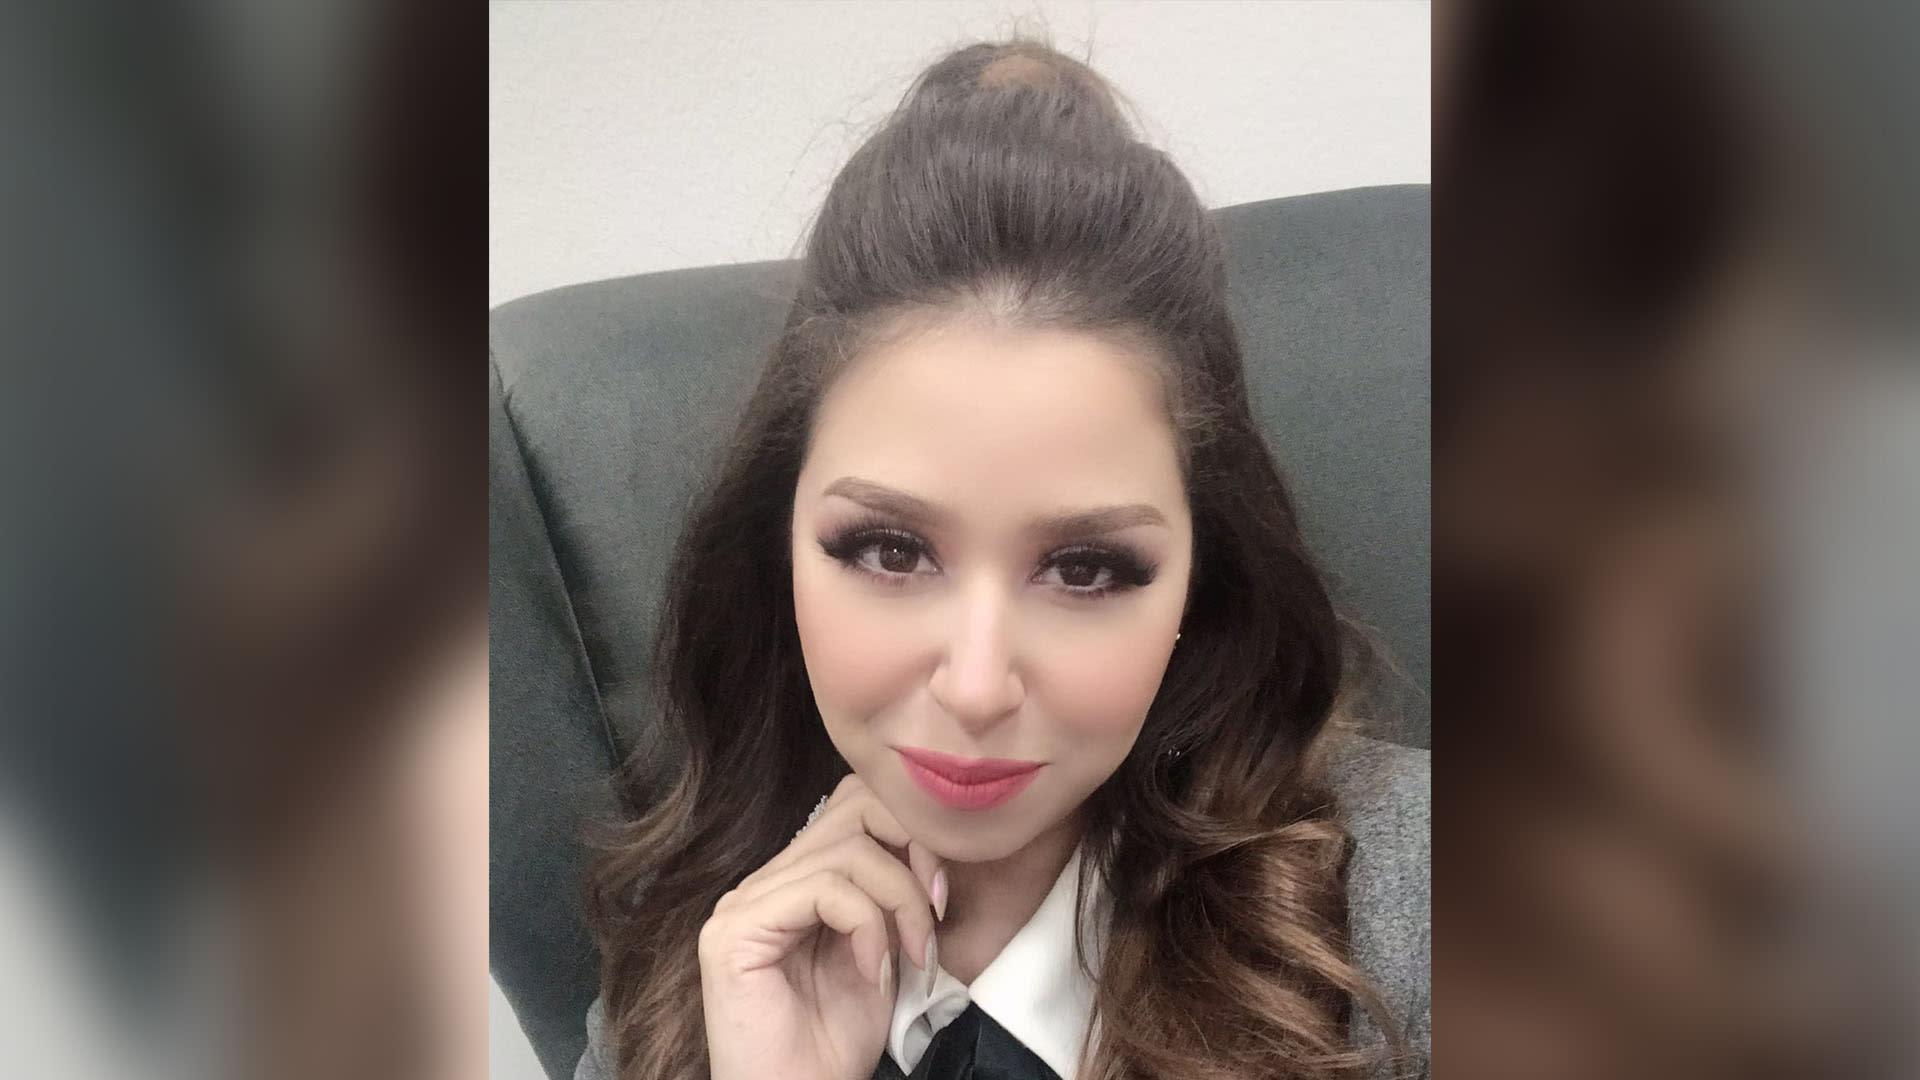 صورة للمغنية المصرية إيناس عز الدين من صفحتها على تويتر